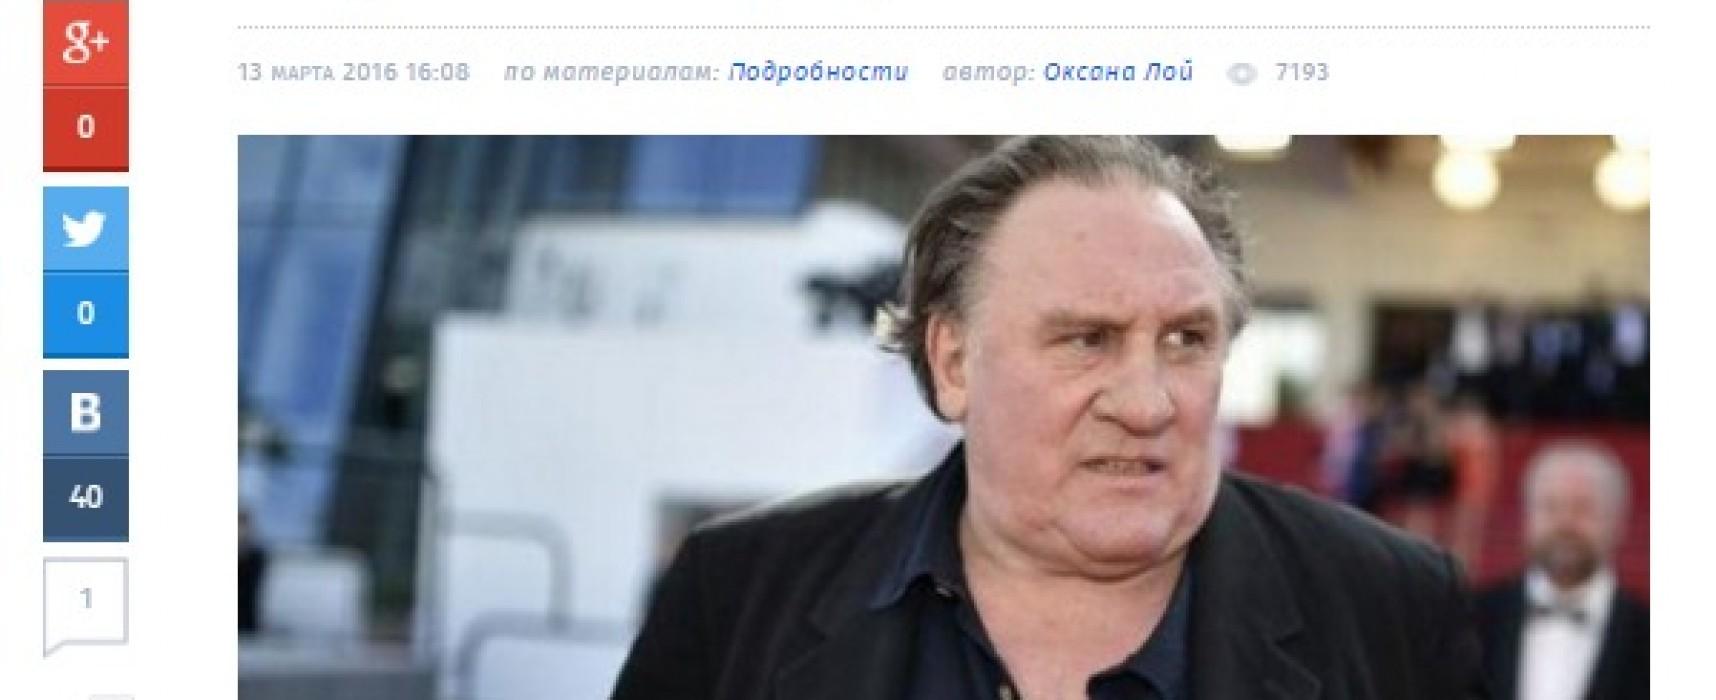 Falso: Gérard Depardieu se fue de Rusia